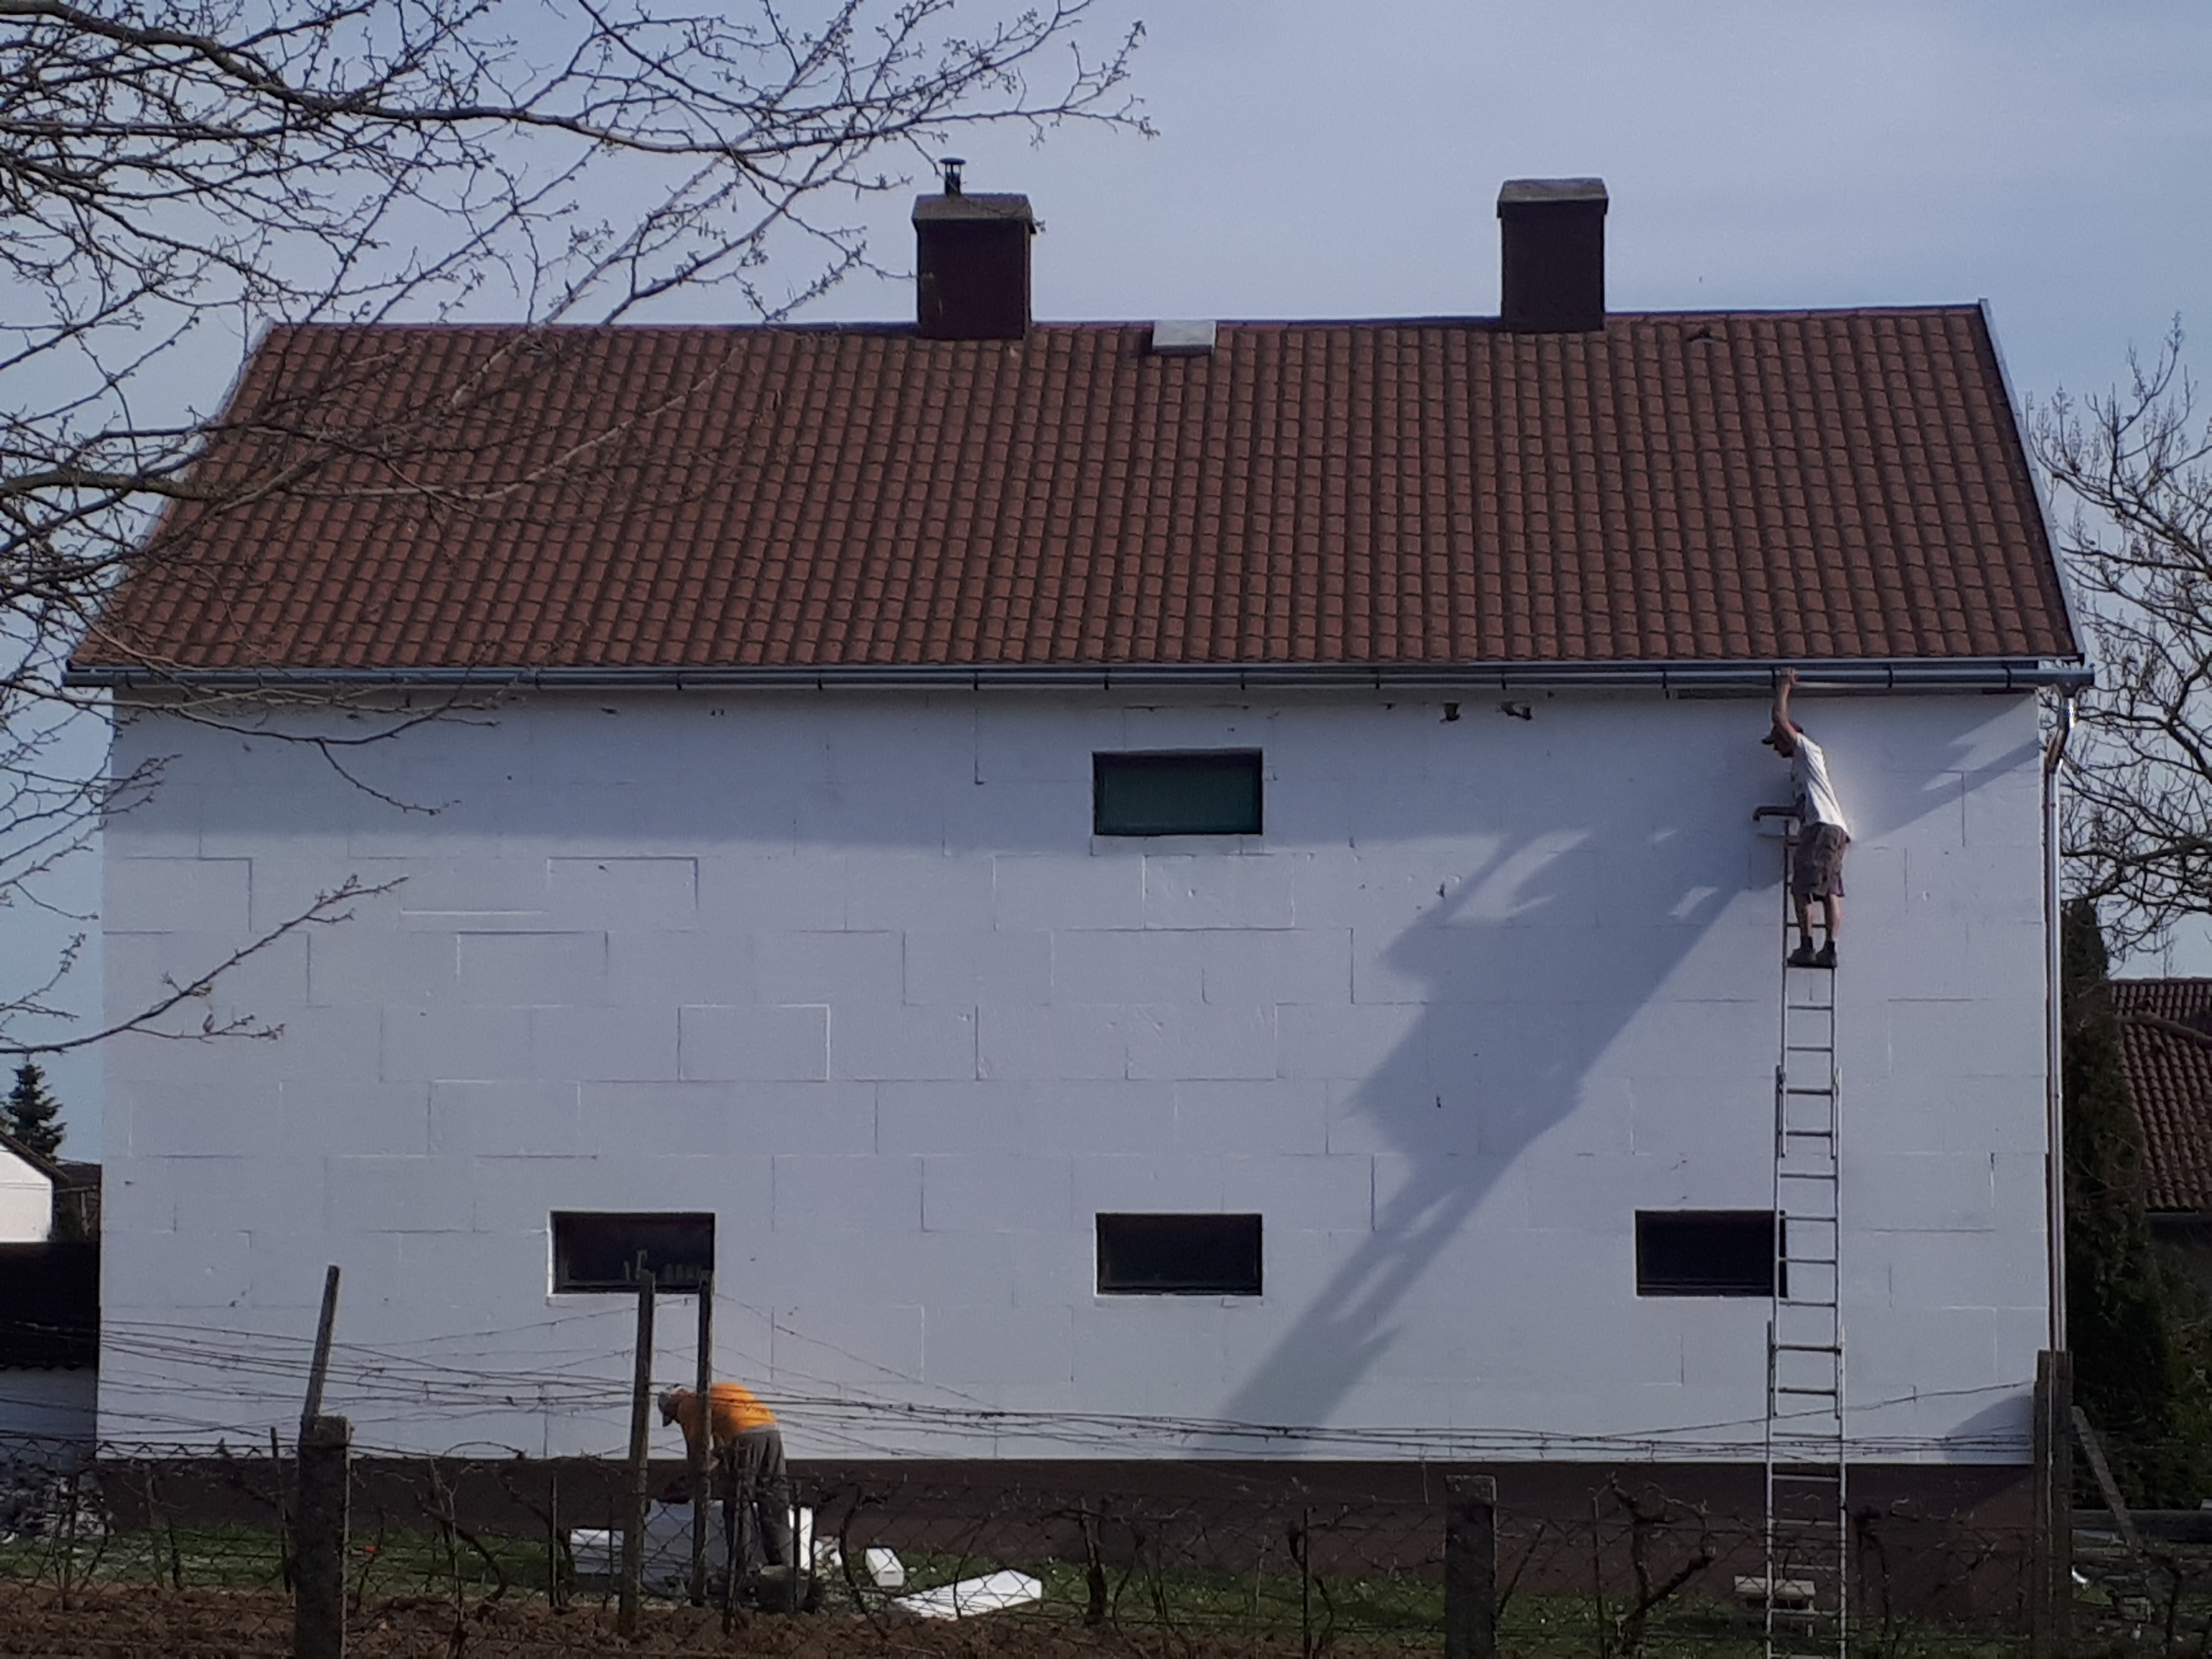 Palatető felújítás Pördefölde, palatető szigetelés PördeföldeCsaládi ház palatető felújítása